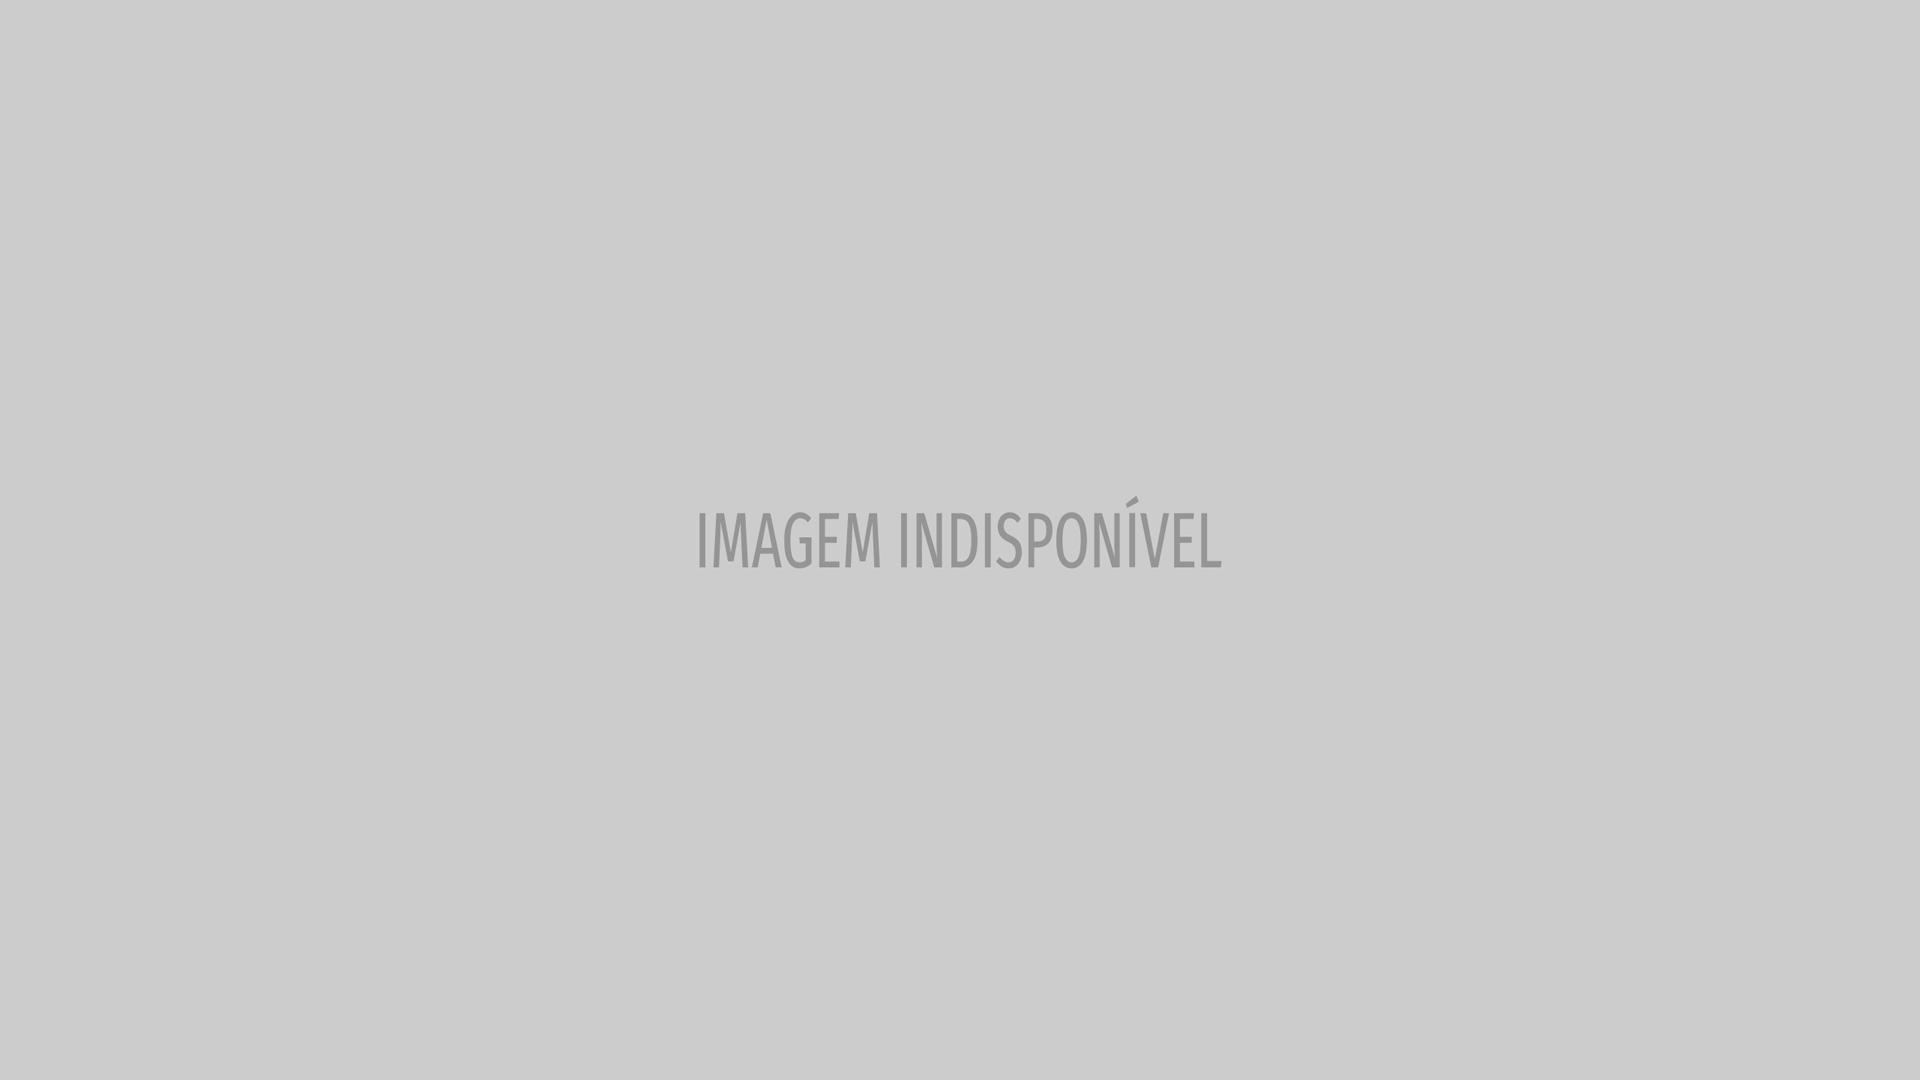 Carolina Dieckman recebe elogio ousado no Instagram: 'Pegaria fácil'